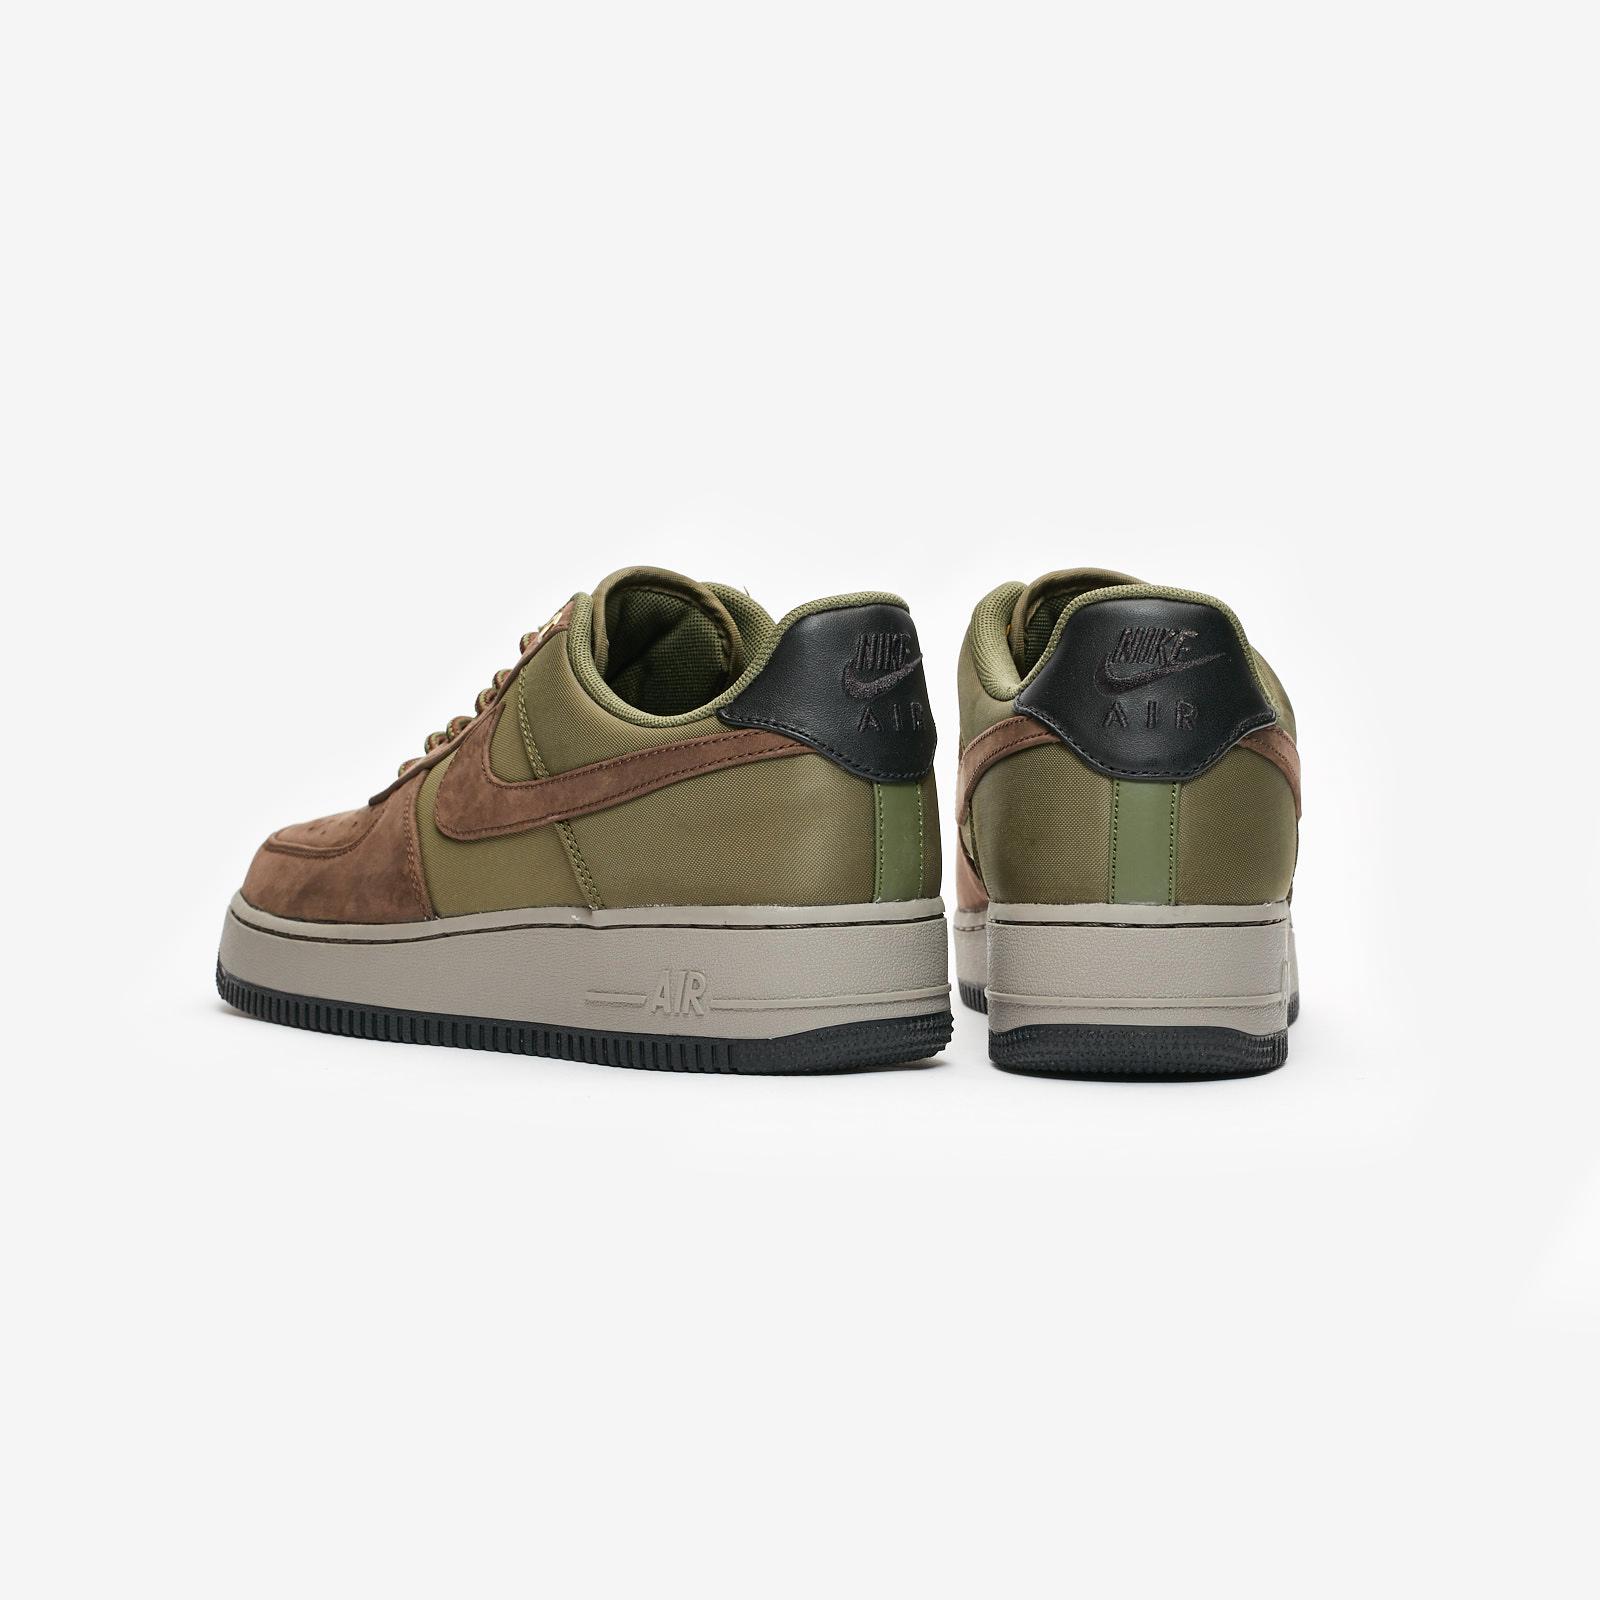 hot sale online 84f3e 4d65c Nike Air Force 1 07 Premier - Aj7408-200 - Sneakersnstuff I Sneakers    Streetwear online seit 1999